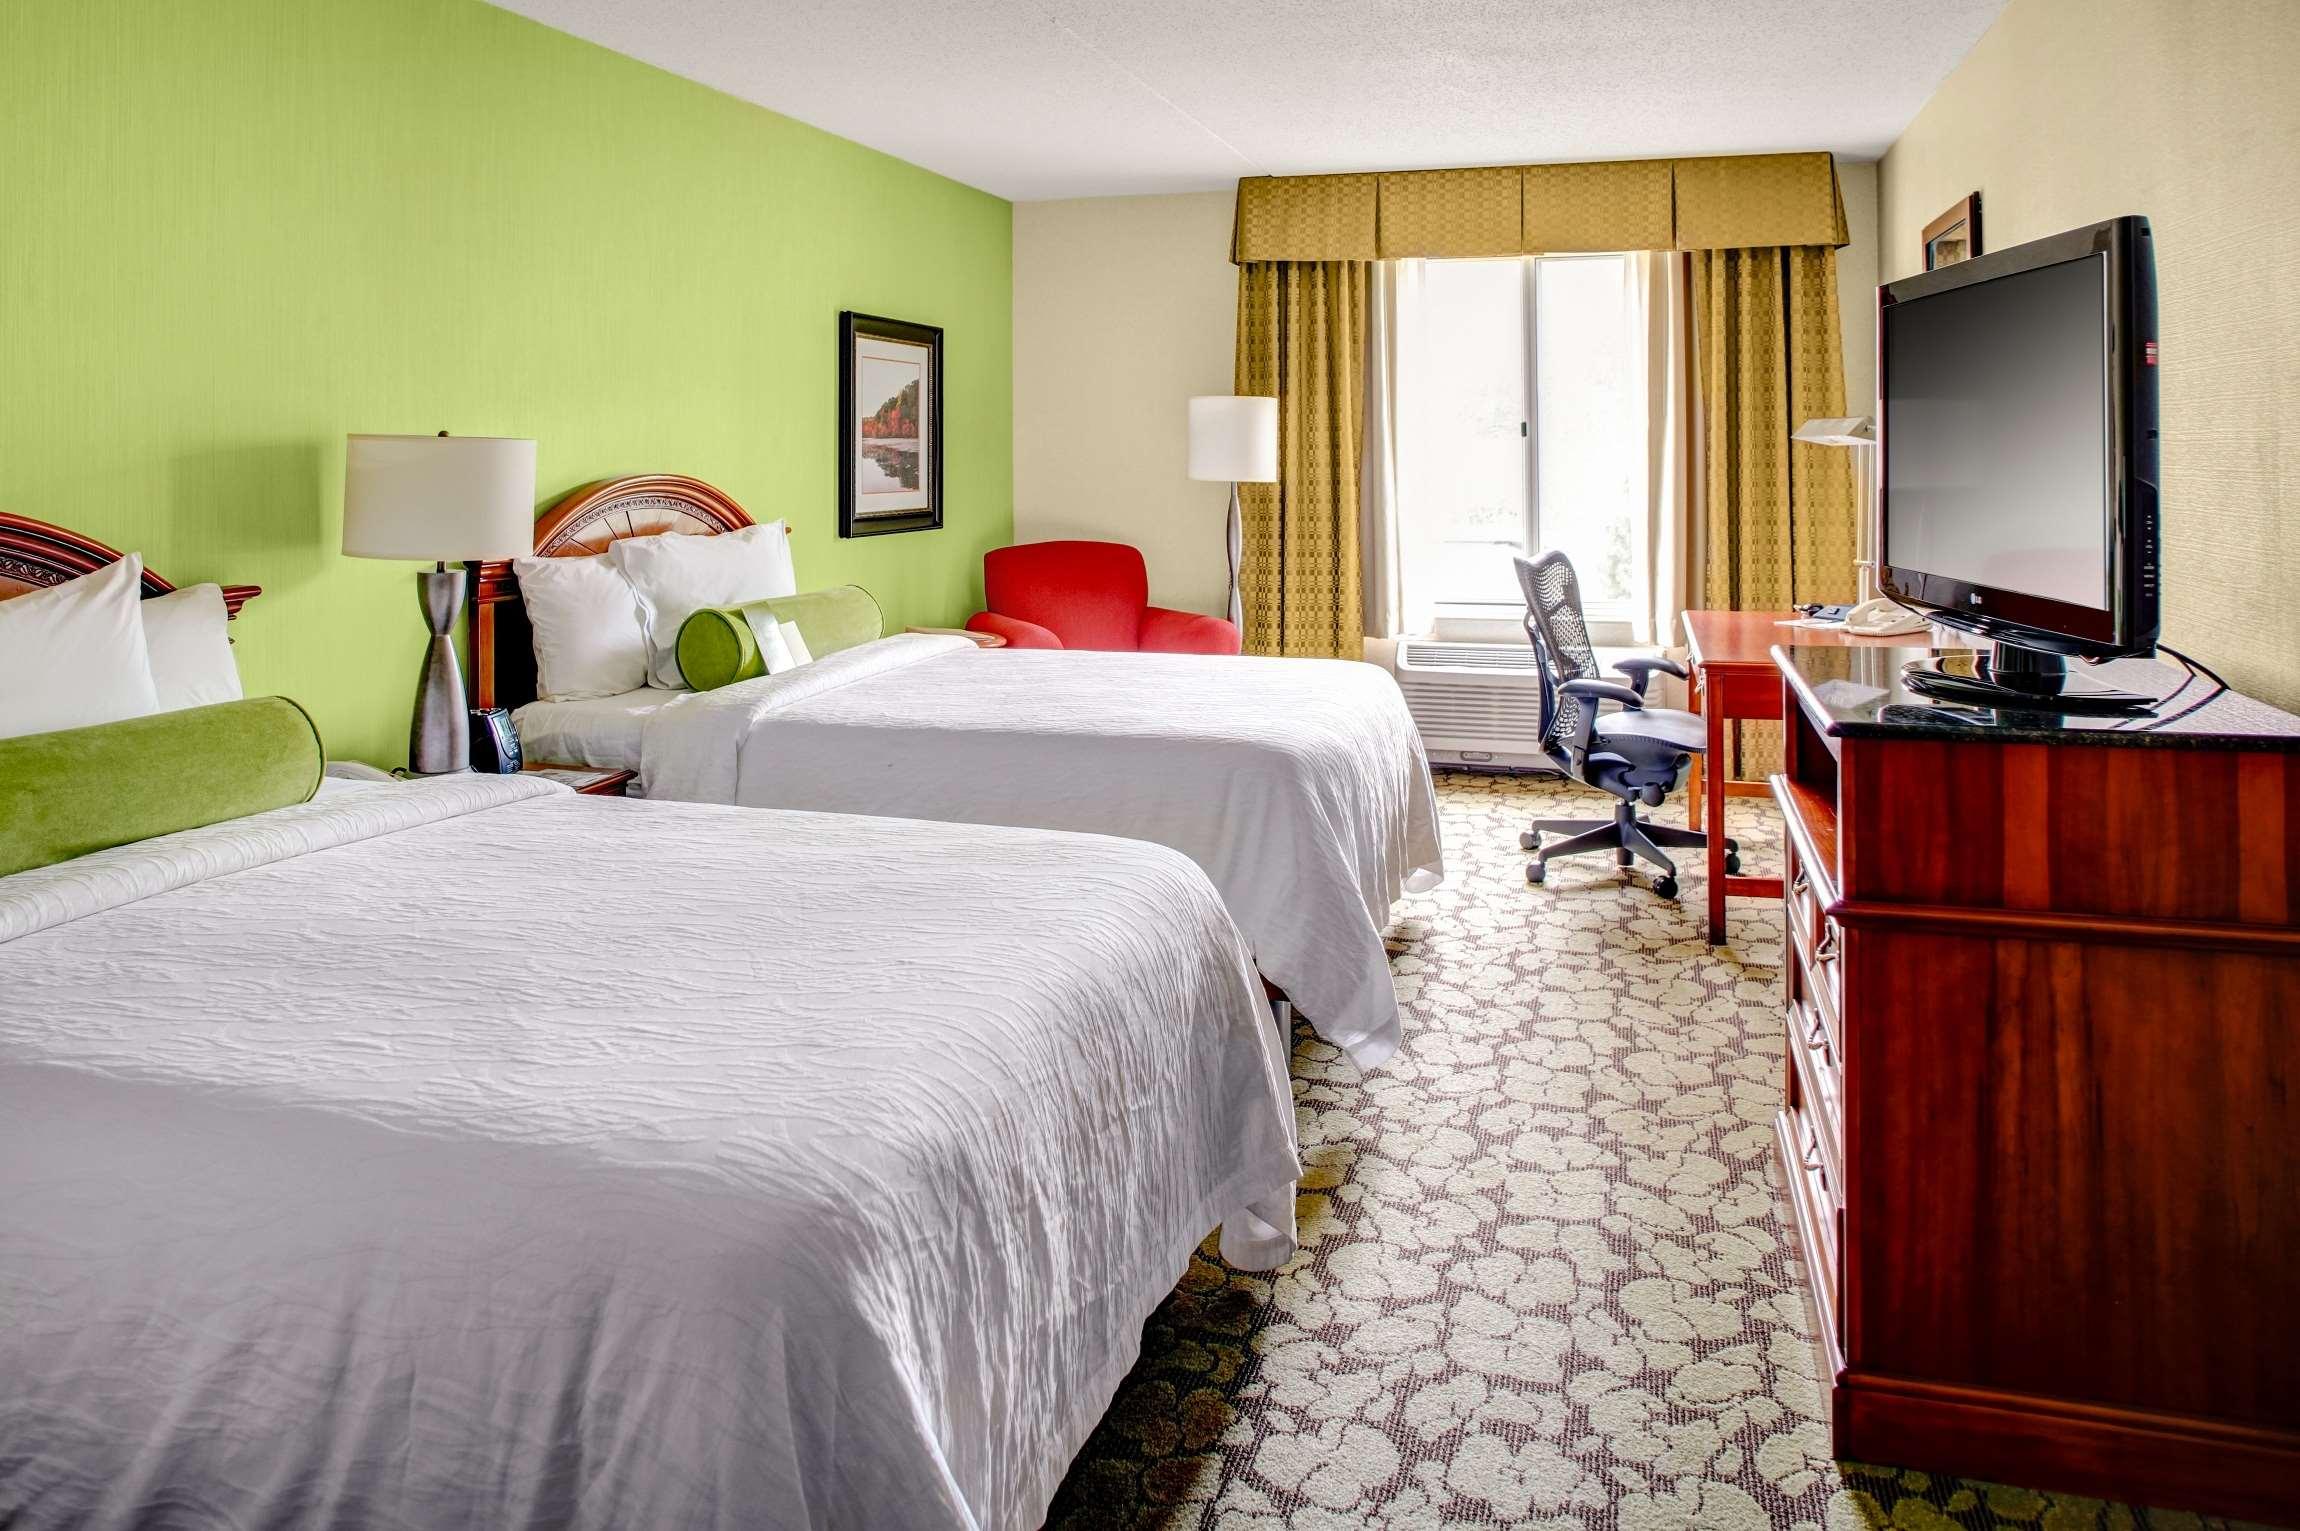 Hilton Garden Inn Danbury image 31